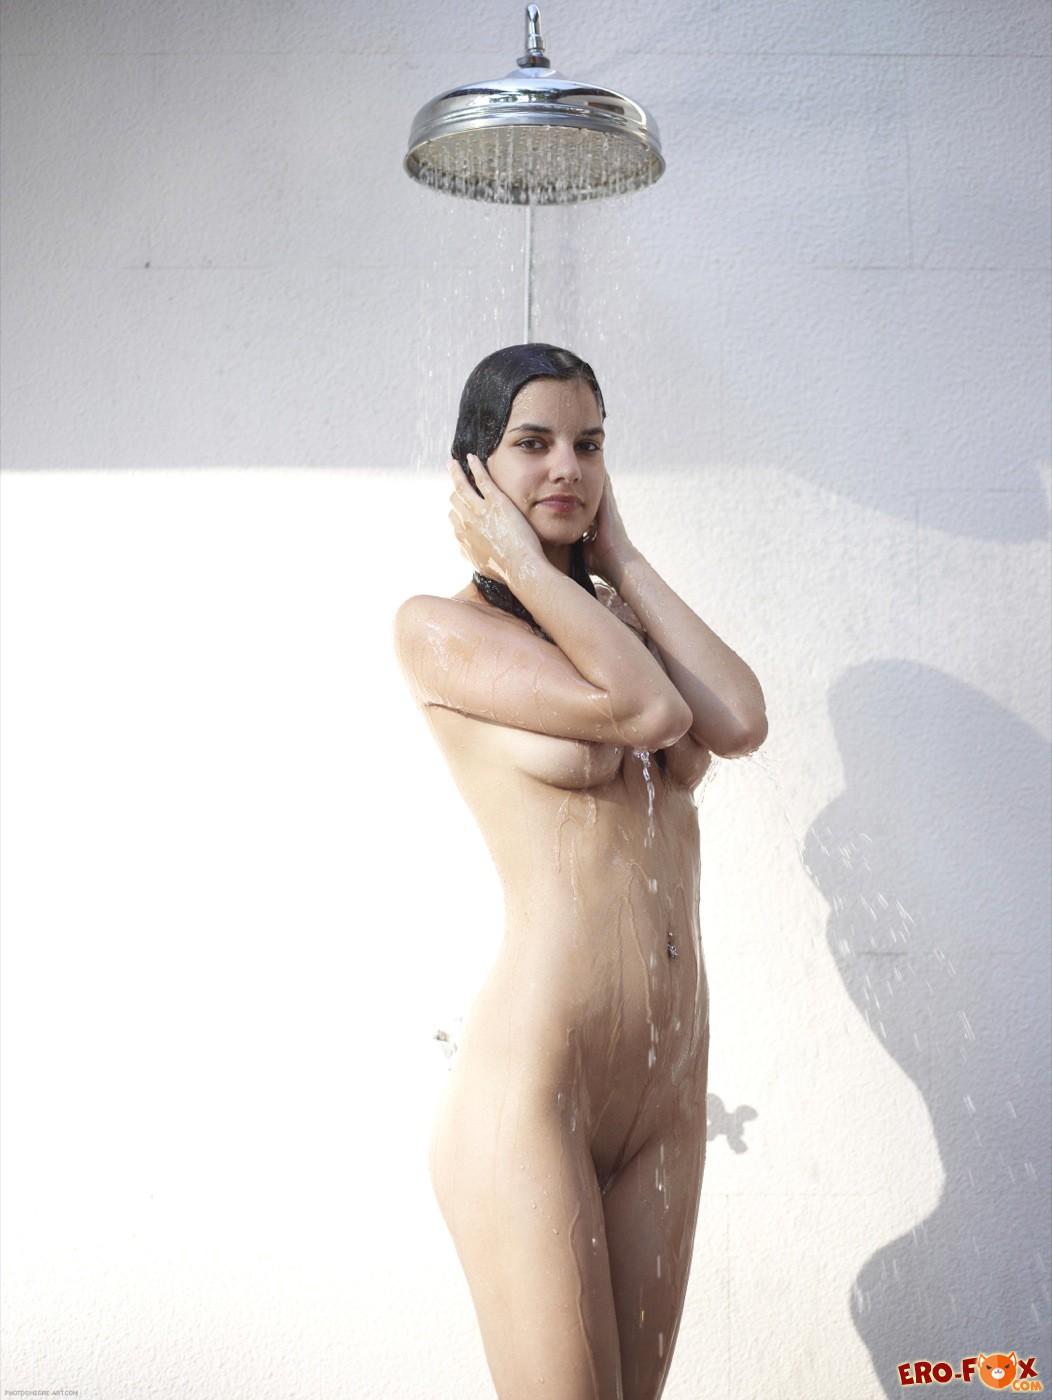 Тощая девушка голая моется  - фото